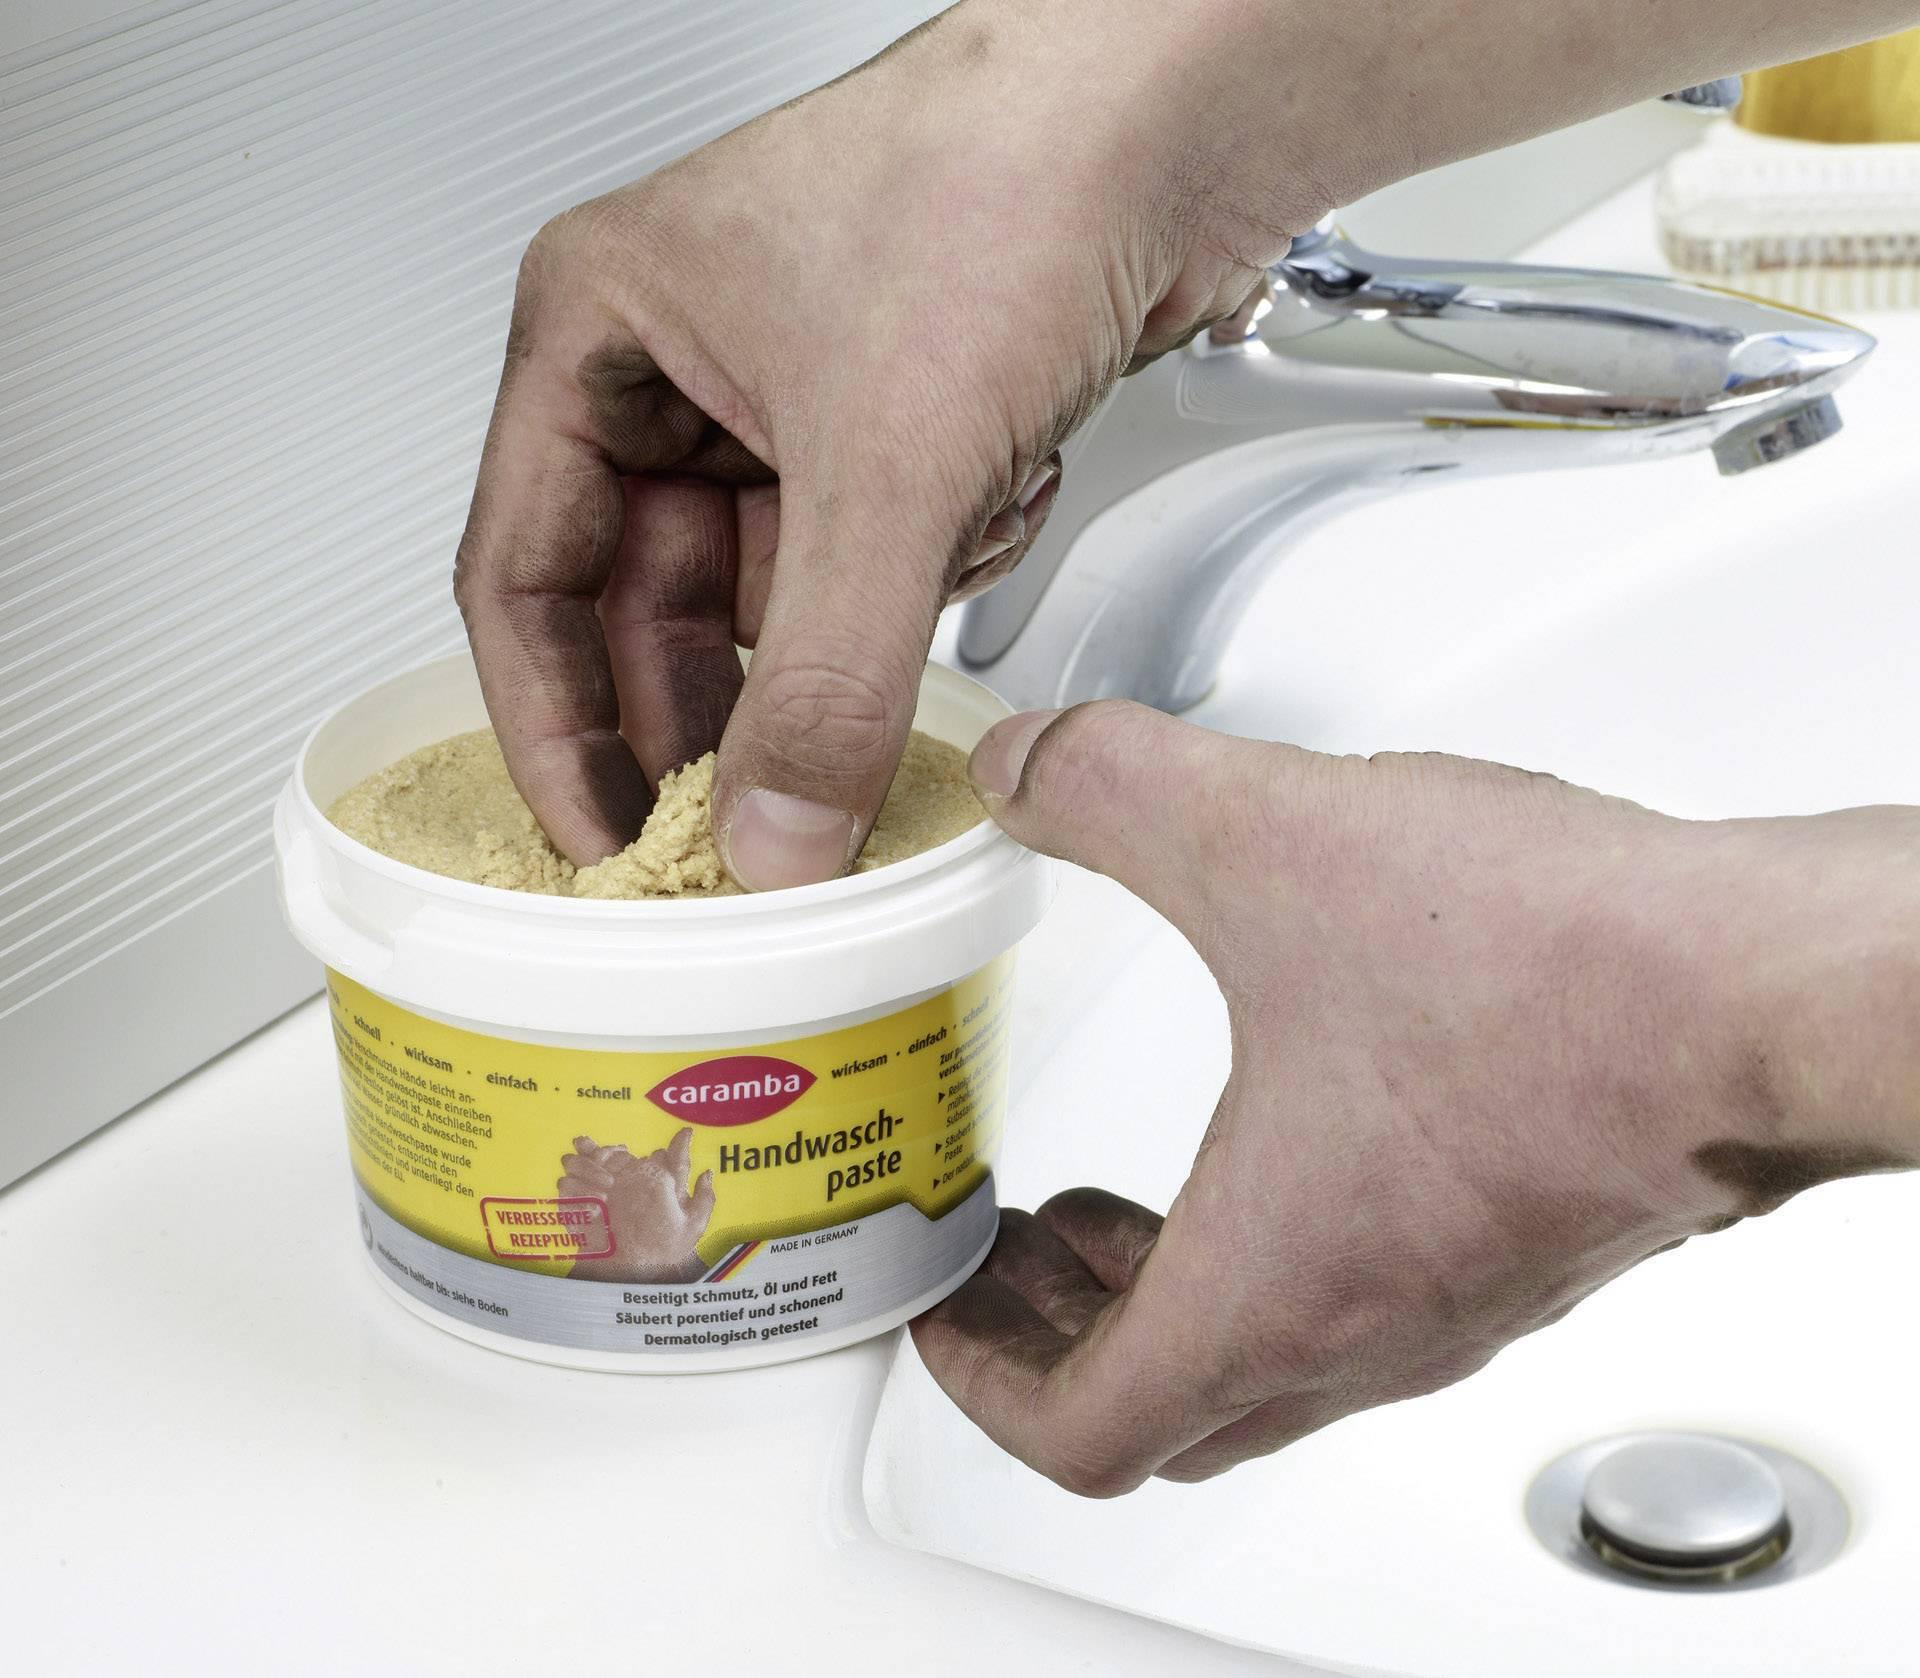 'Sapun za mehaničare': Pasta će očistiti sanitarije ili pločice